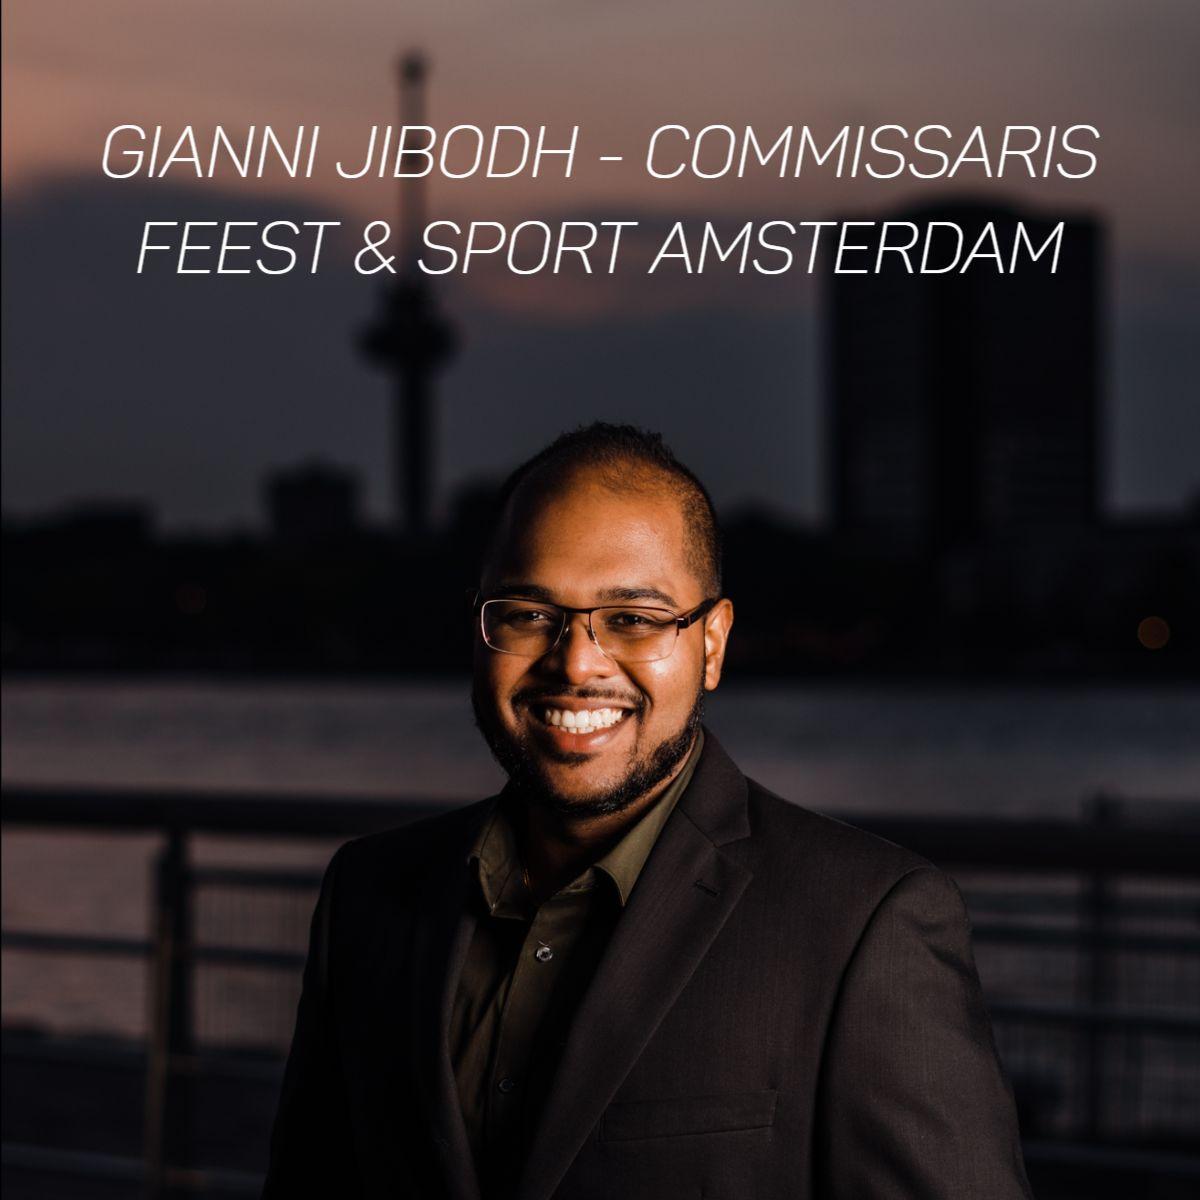 Gianni Jibodh